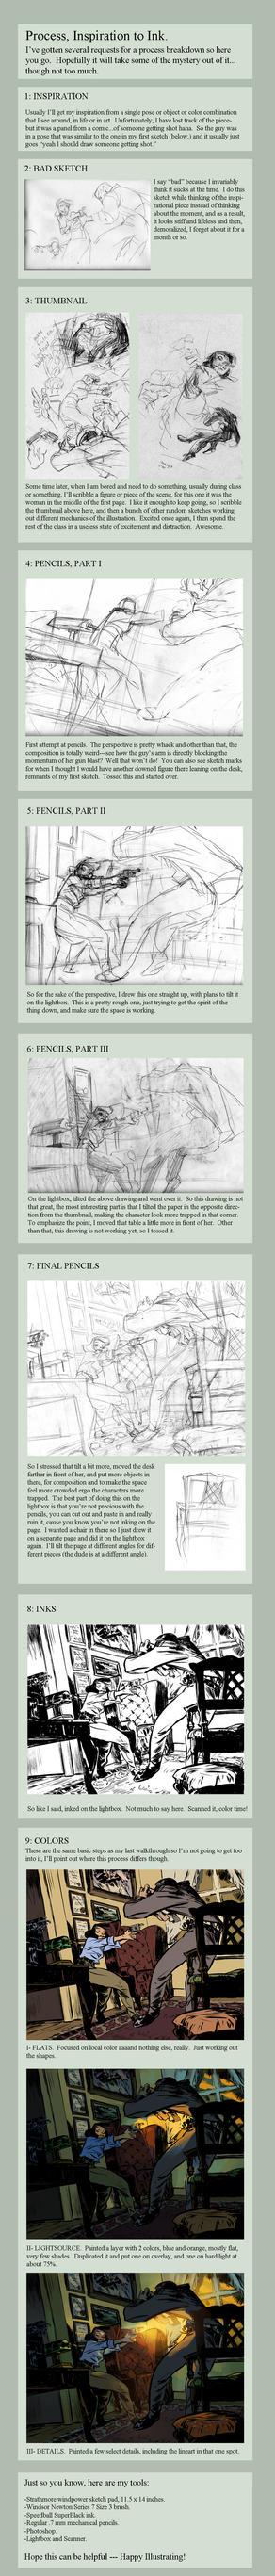 Illustration Walkthrough by toerning